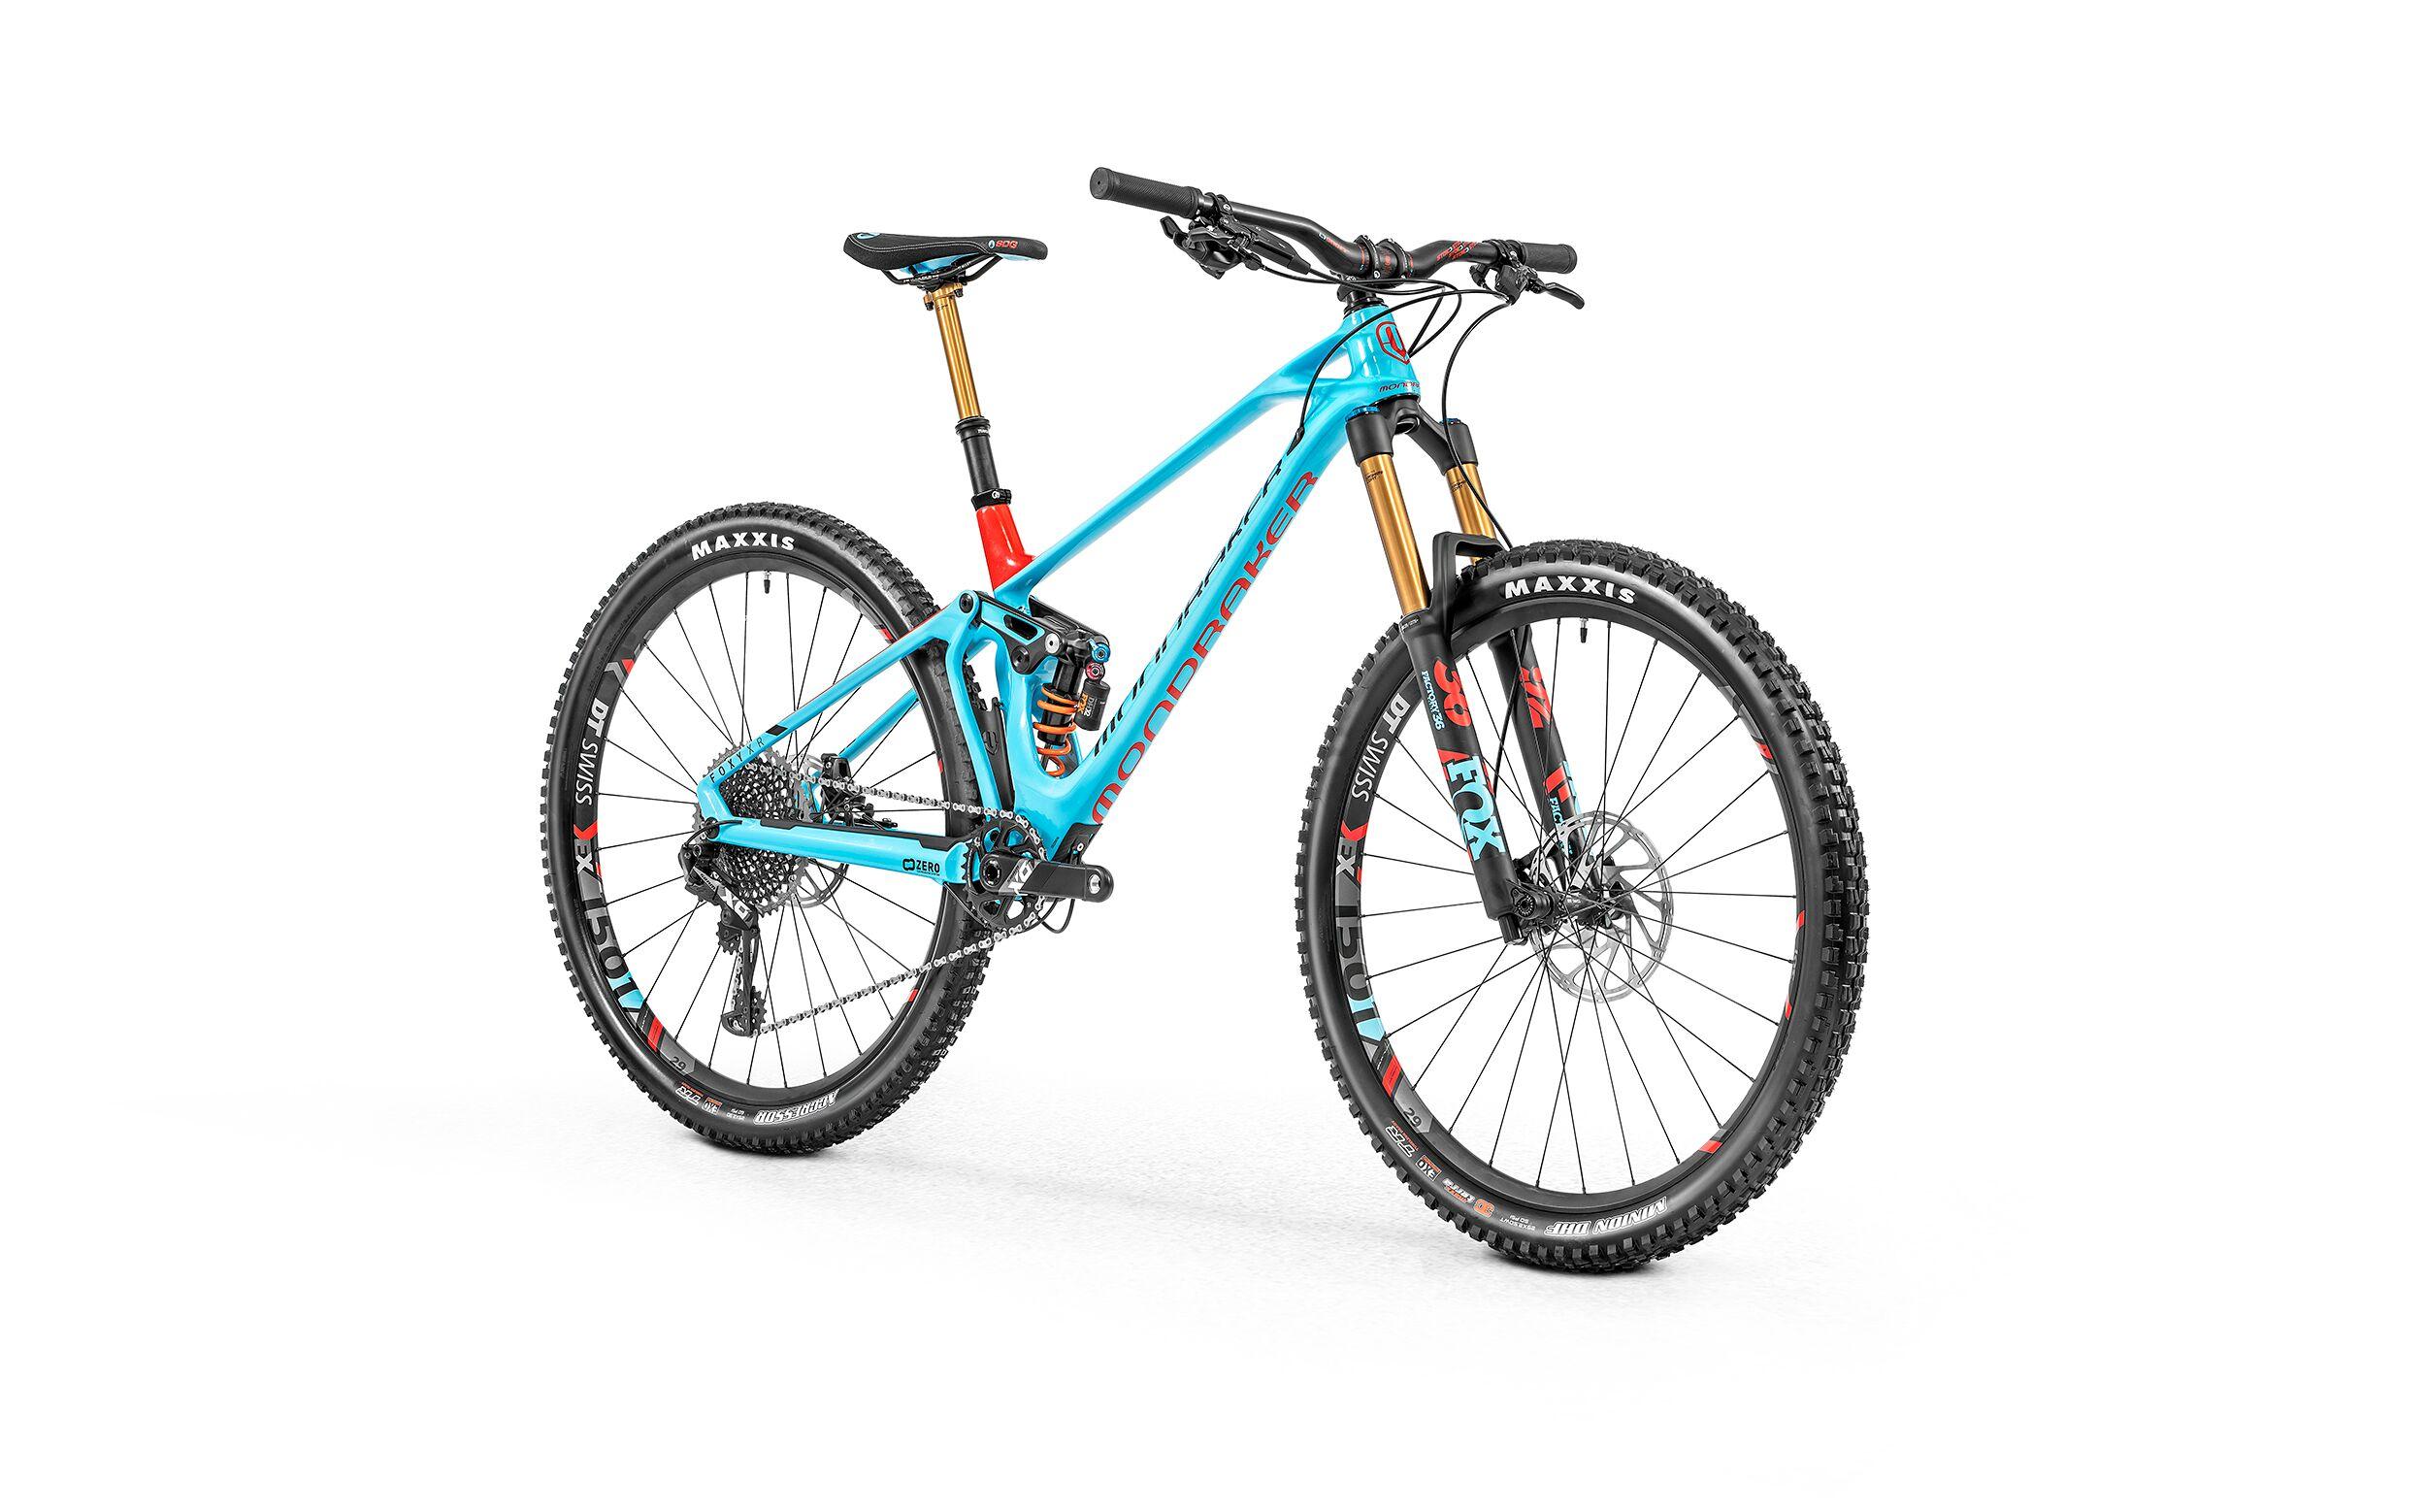 2019 Mondraker Foxy Carbon XR 29″ All Mountain/Enduro Bike